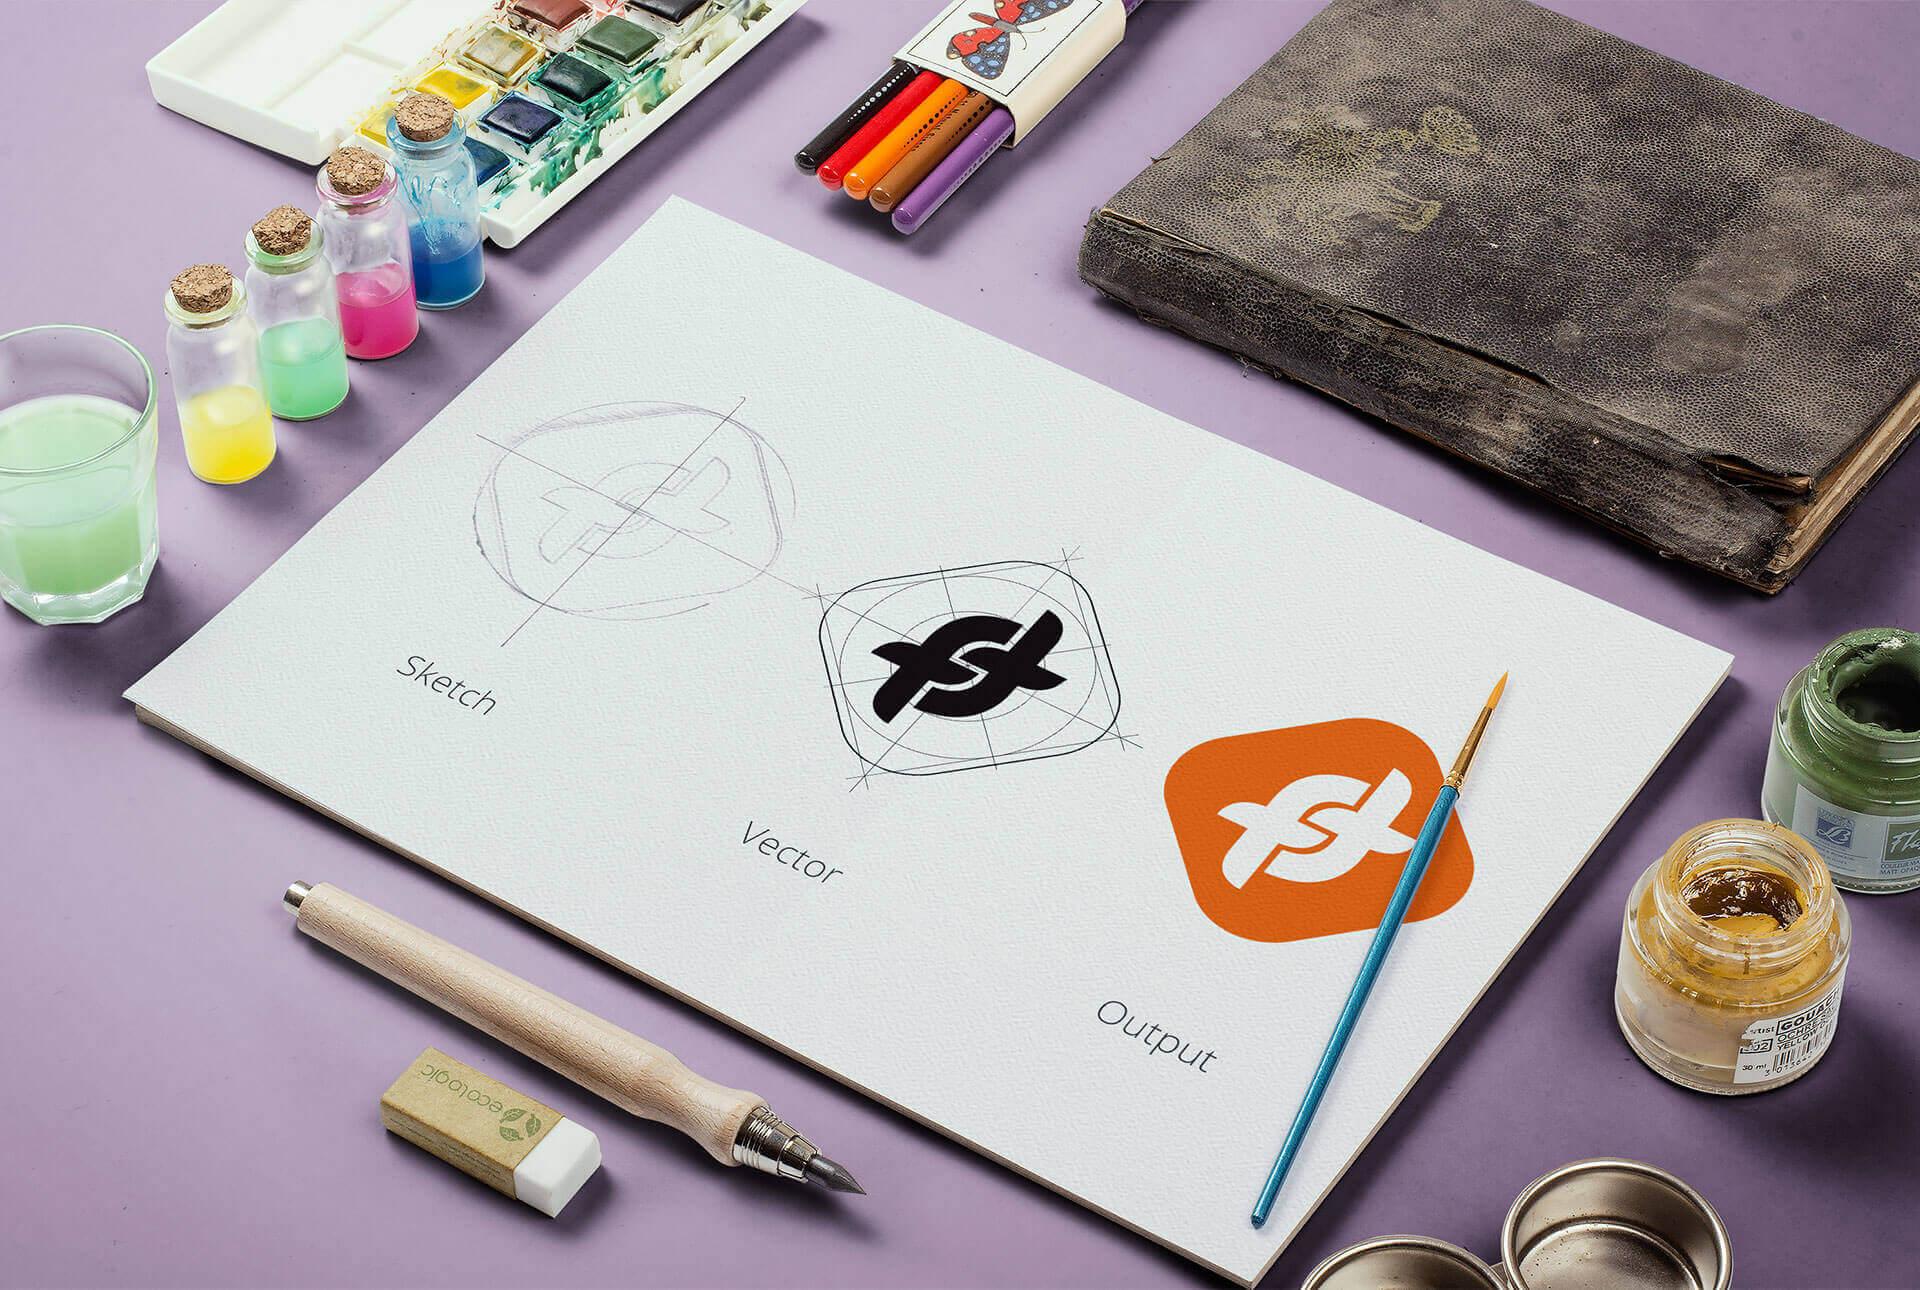 FTCash app icon design